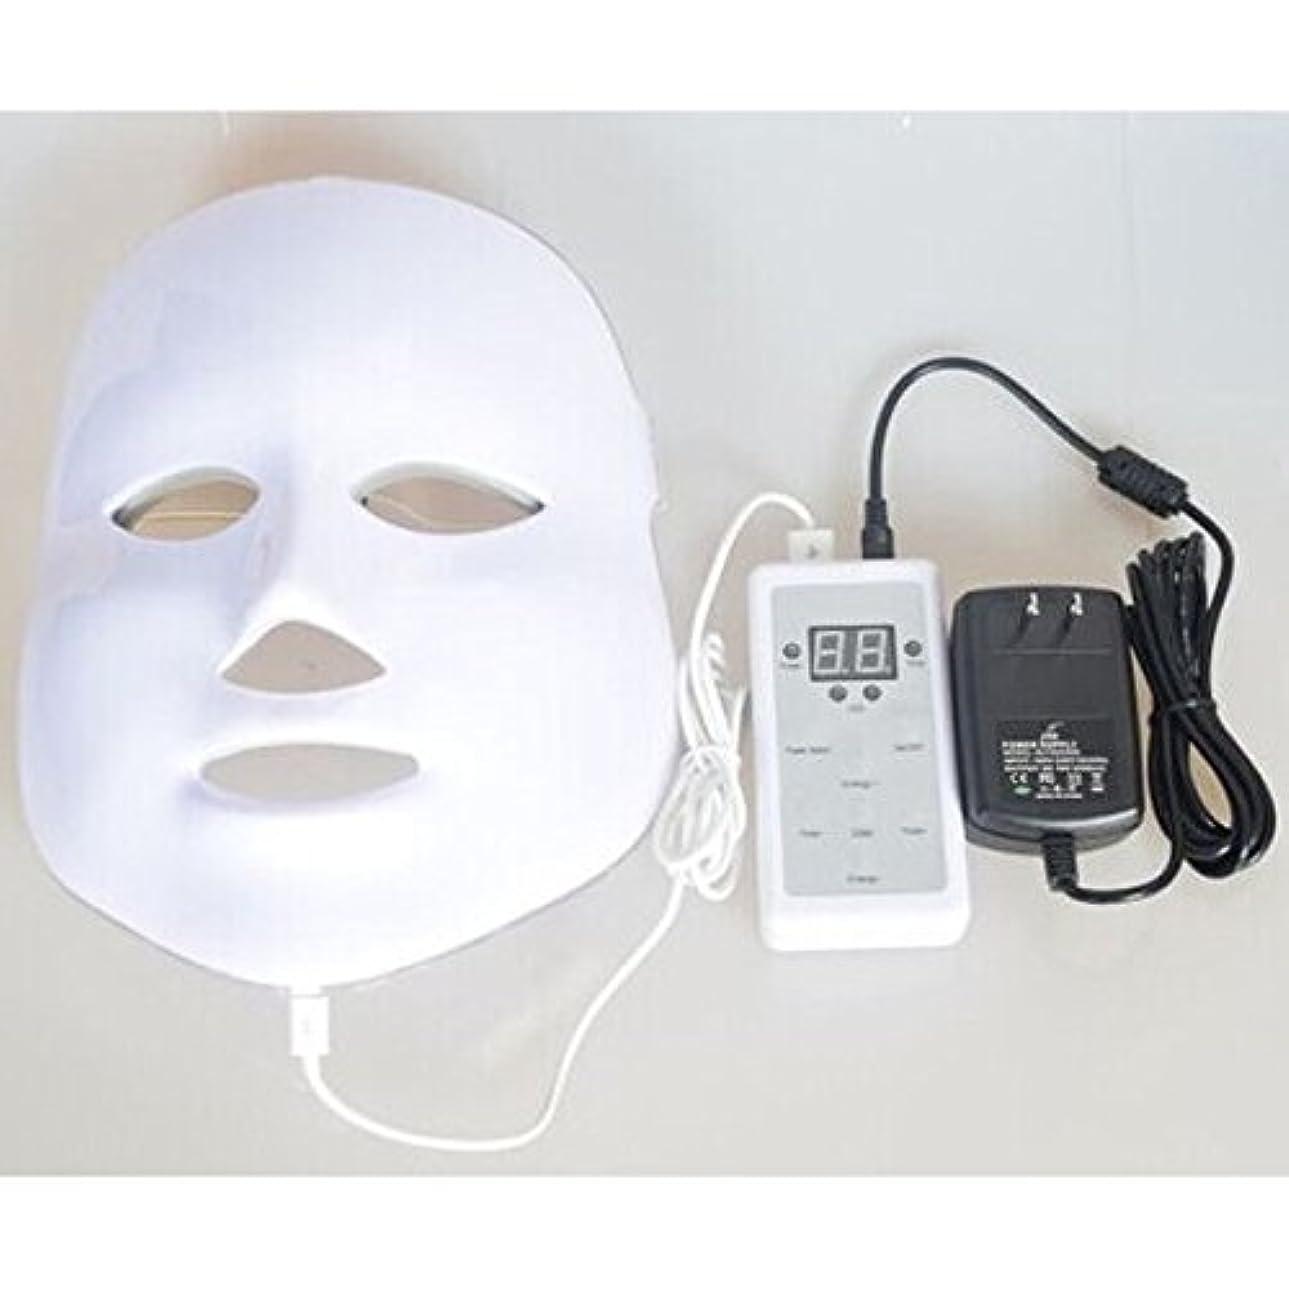 ビルダー区画ミネラルLED美顔器 7色 美顔マスク 美容 たるみ ほうれい線 美肌 ニキビ対策 コラーゲン生成 美白 エイジングケア